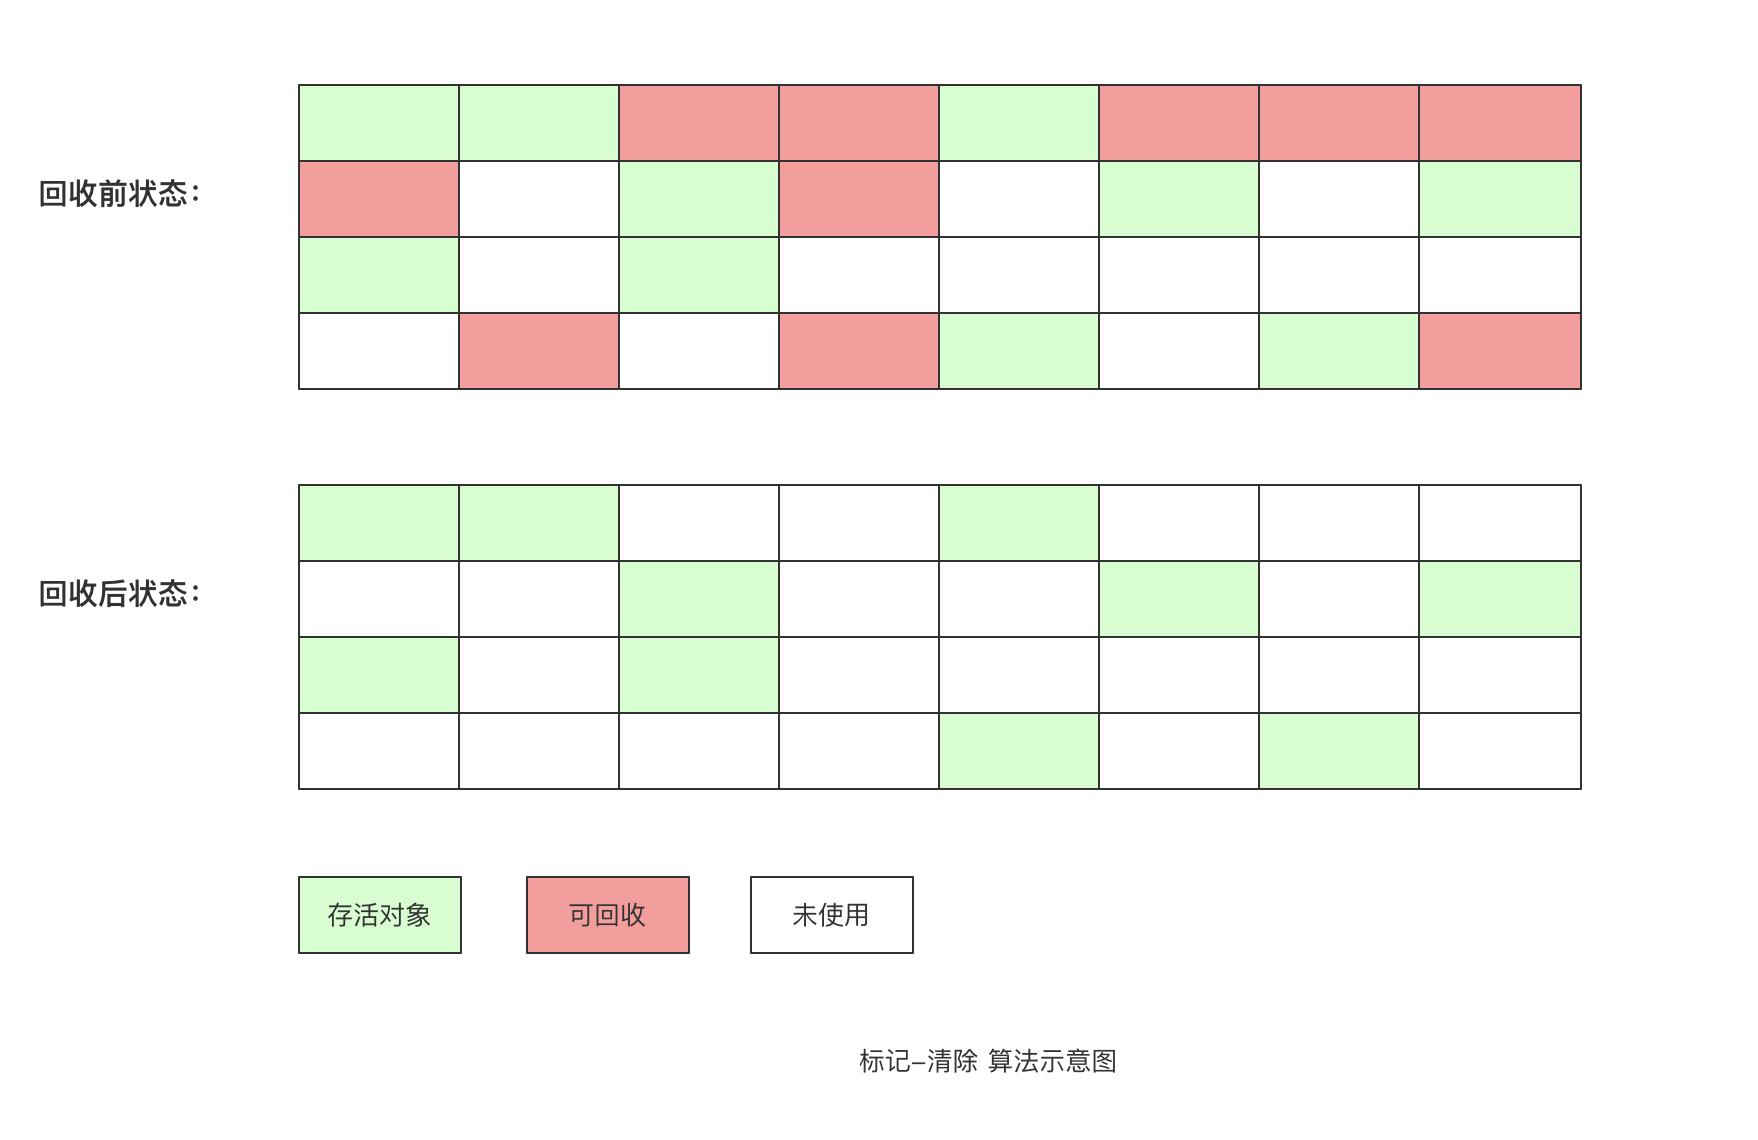 标记-清除算法示意图